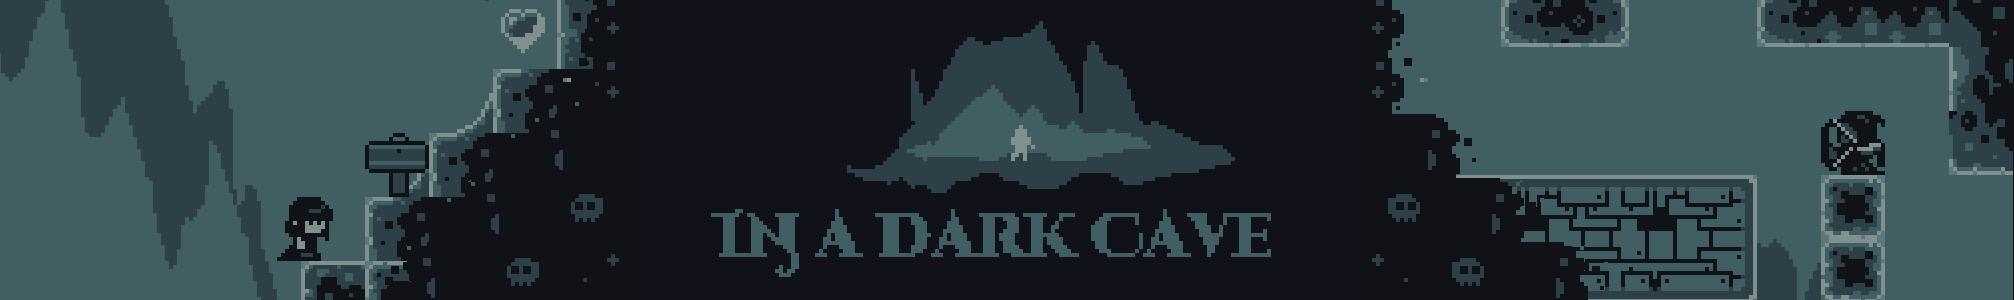 In A Dark Cave